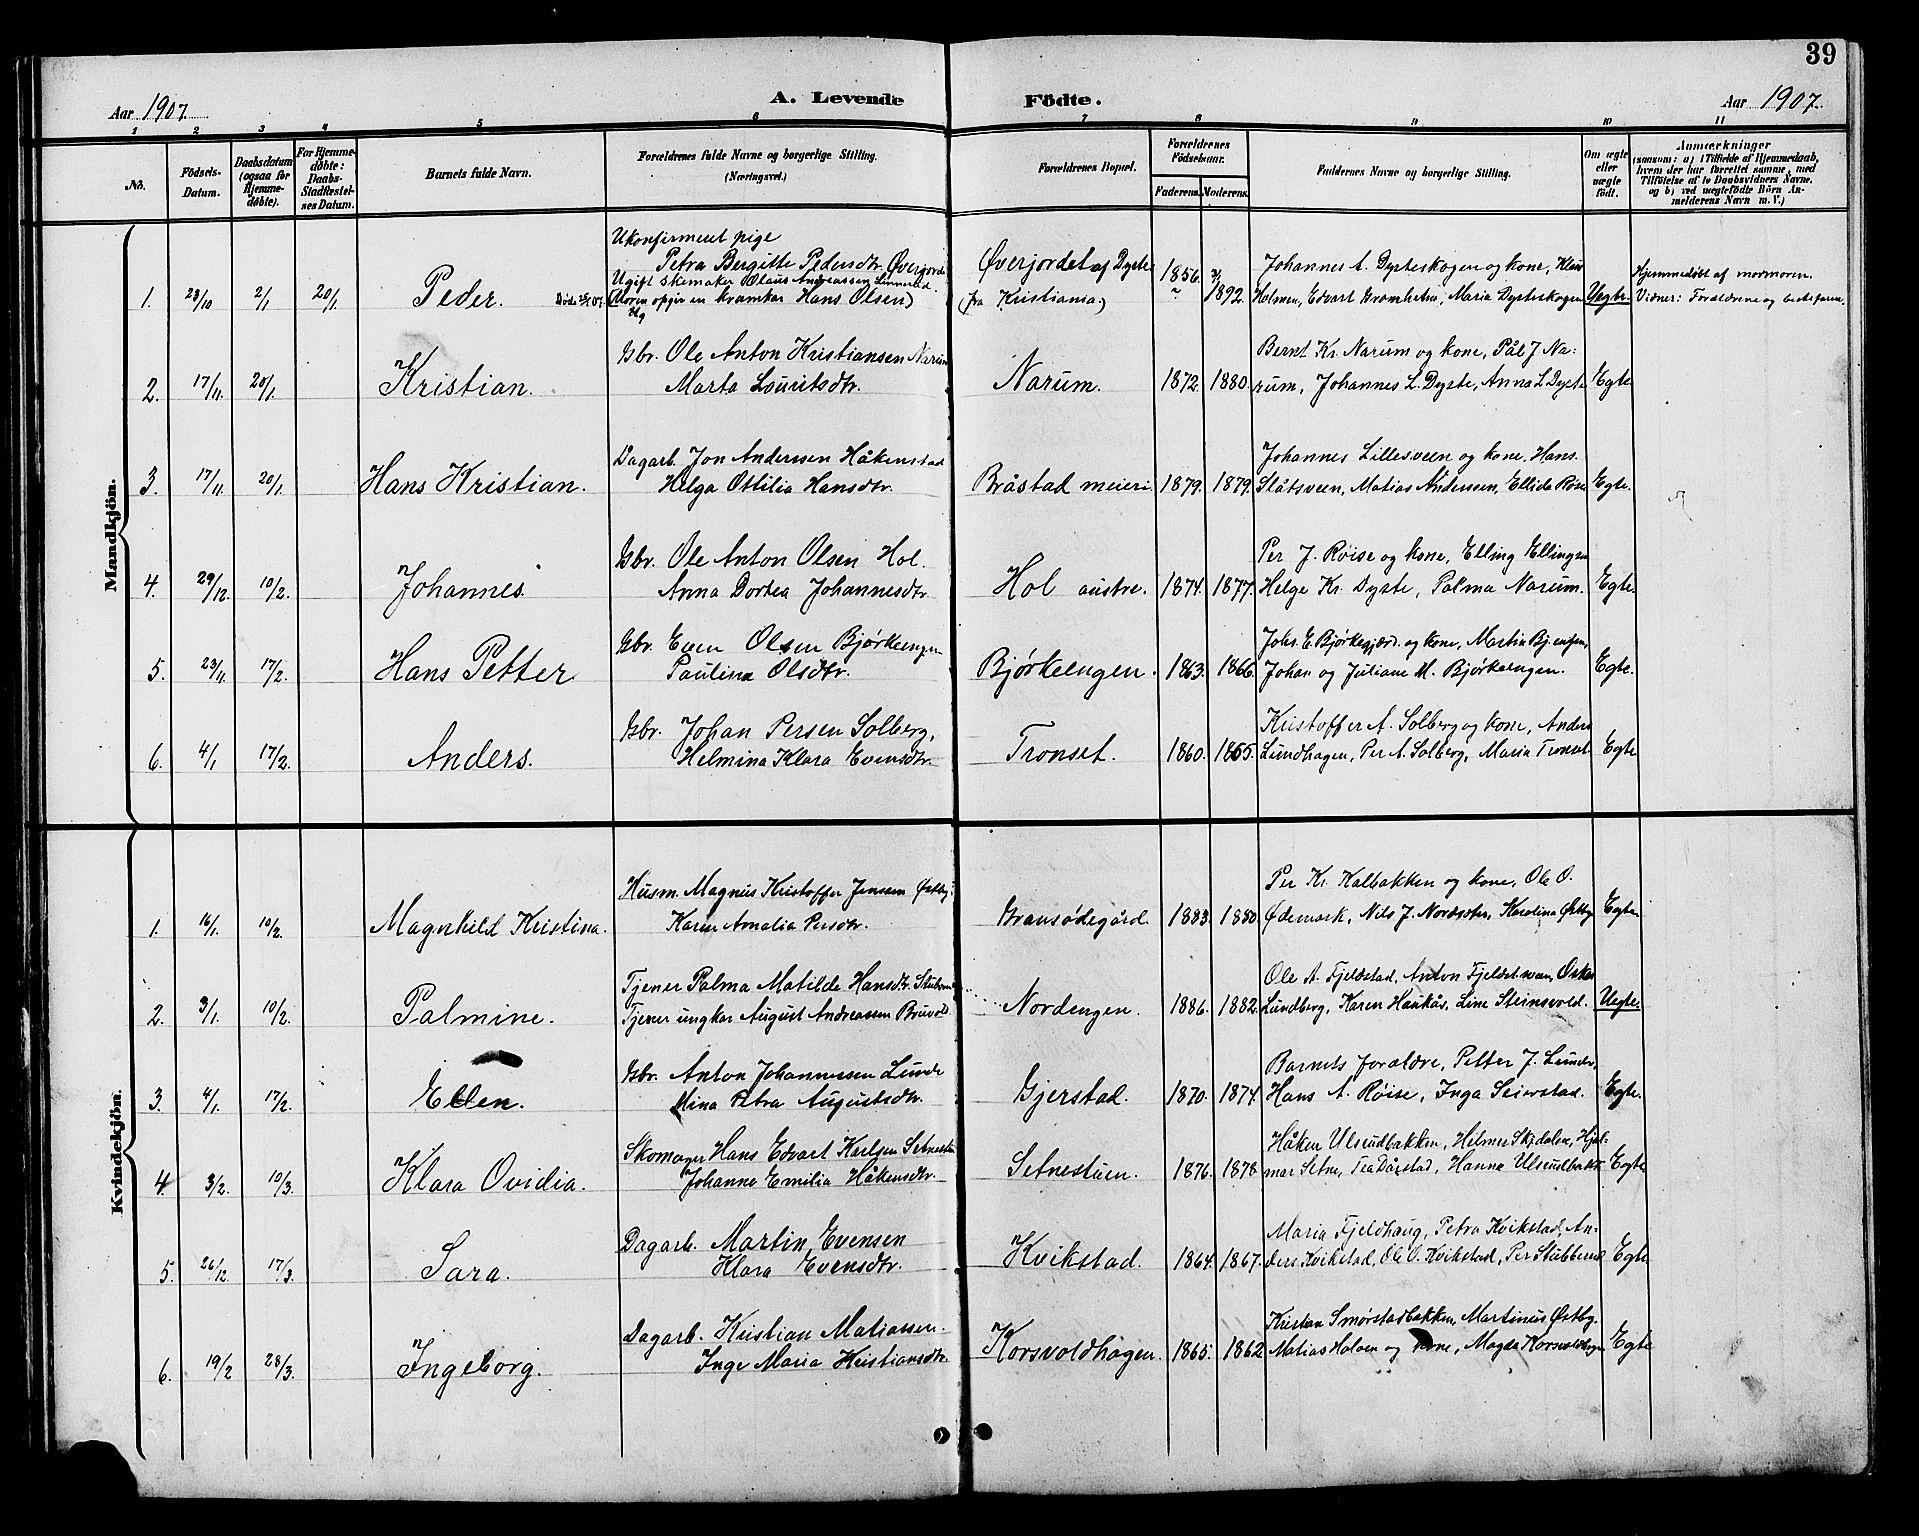 SAH, Vestre Toten prestekontor, H/Ha/Hab/L0011: Klokkerbok nr. 11, 1901-1911, s. 39